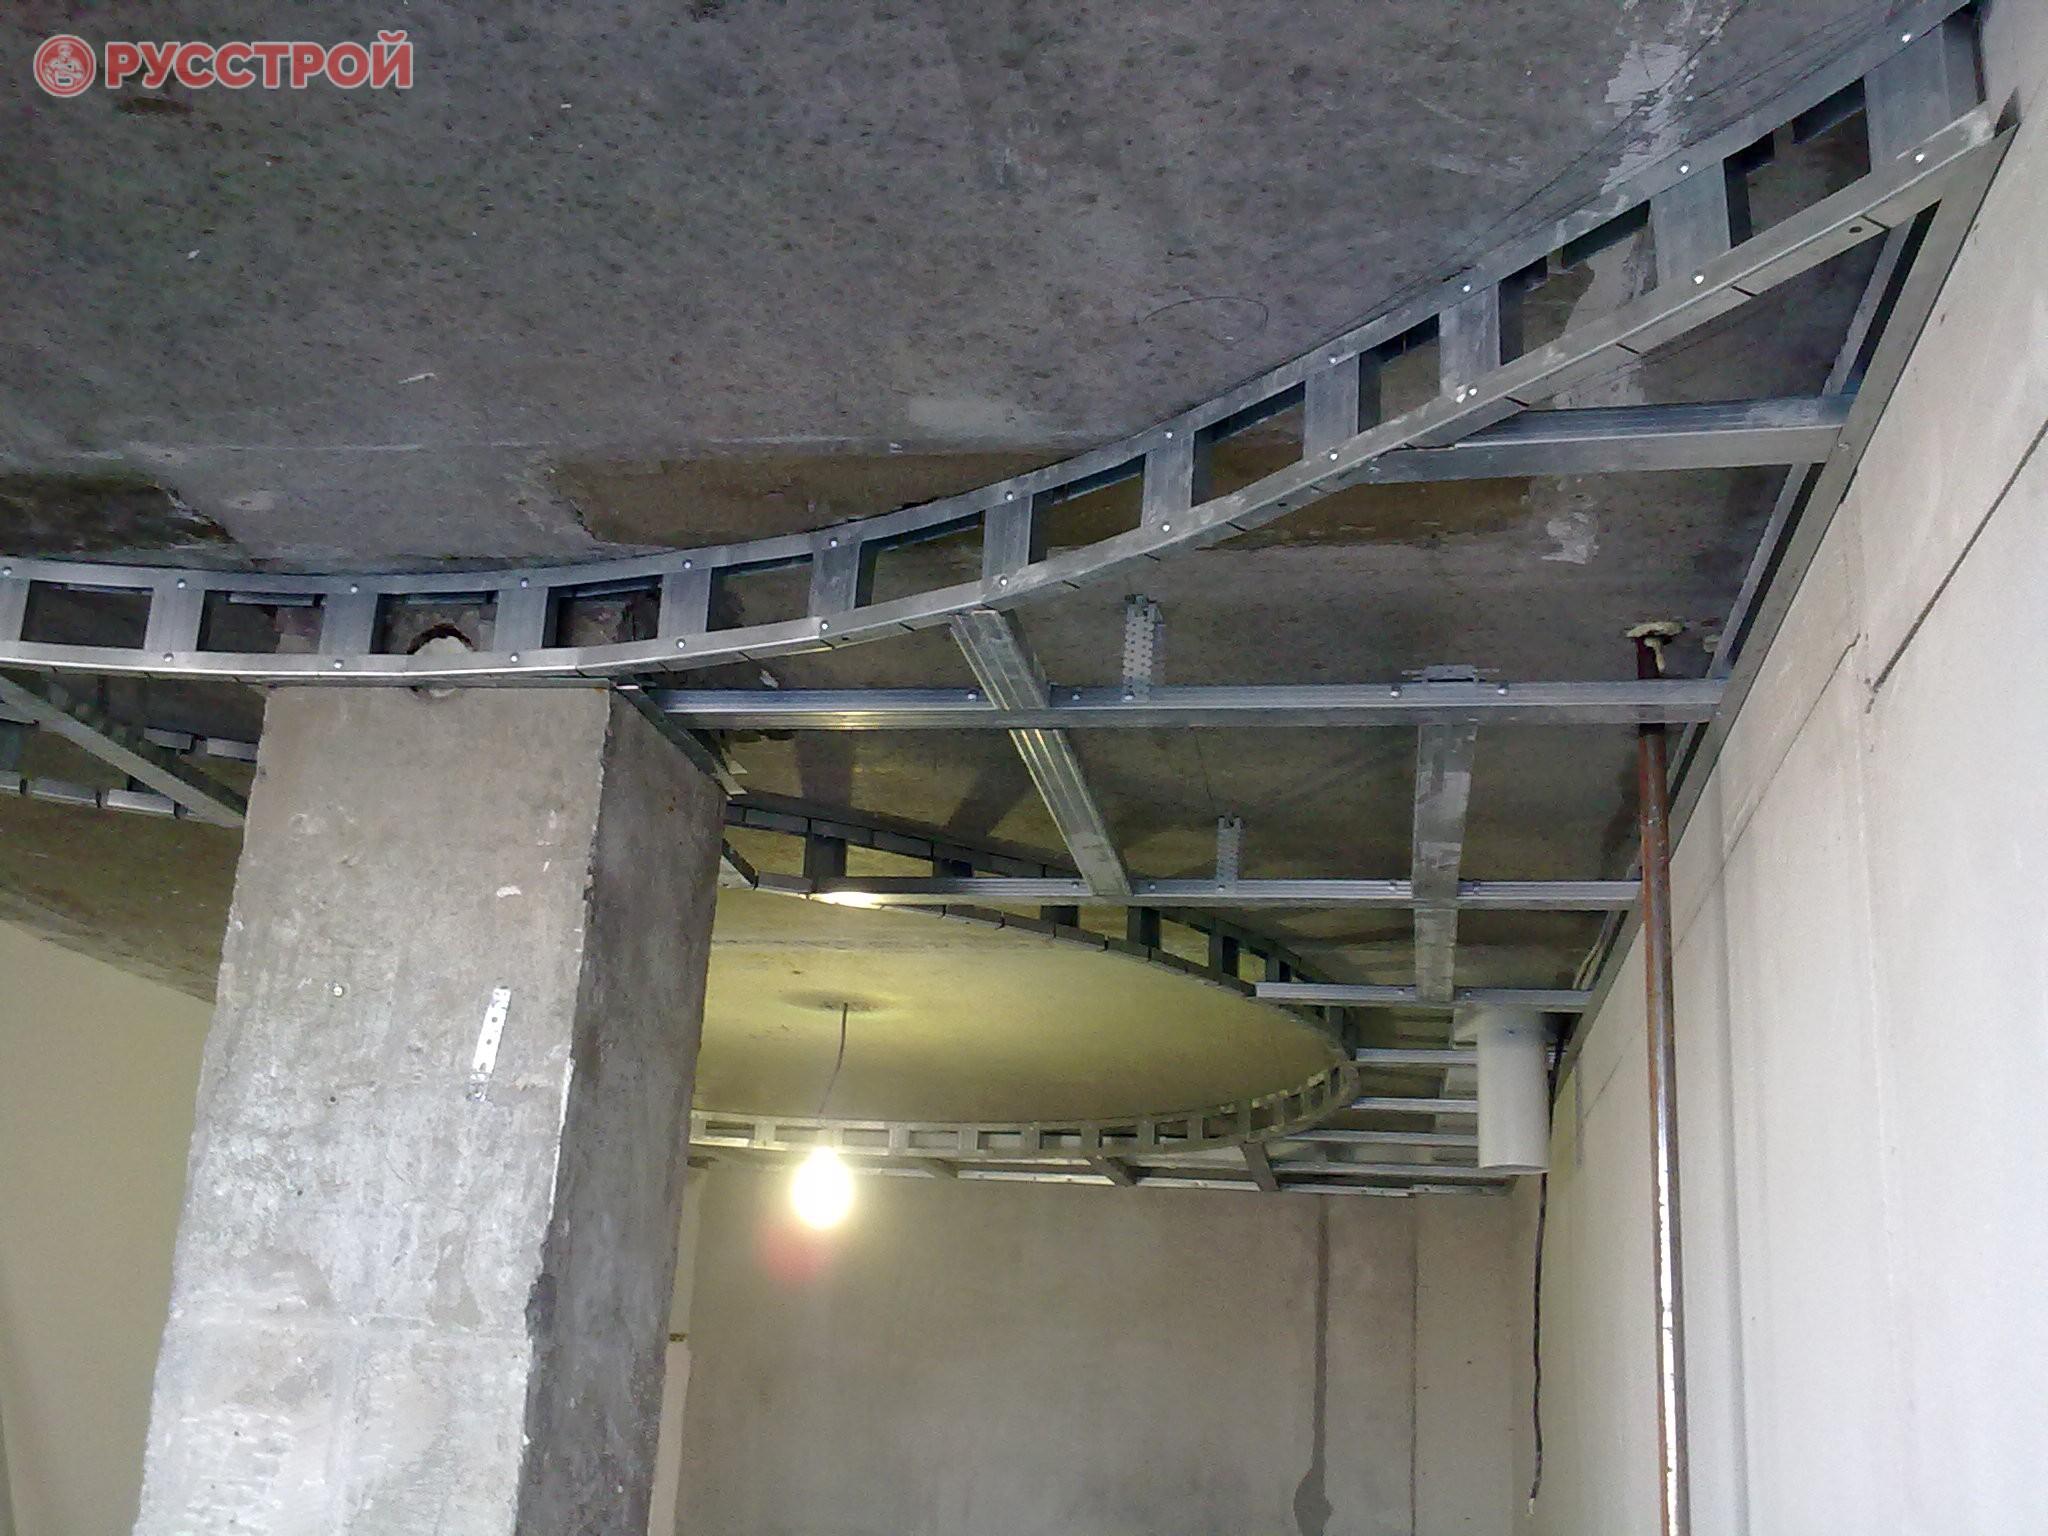 Монтаж металлического каркаса на потолке для гипсокартона. Сделано ООО 'Русстрой' г. Калуга